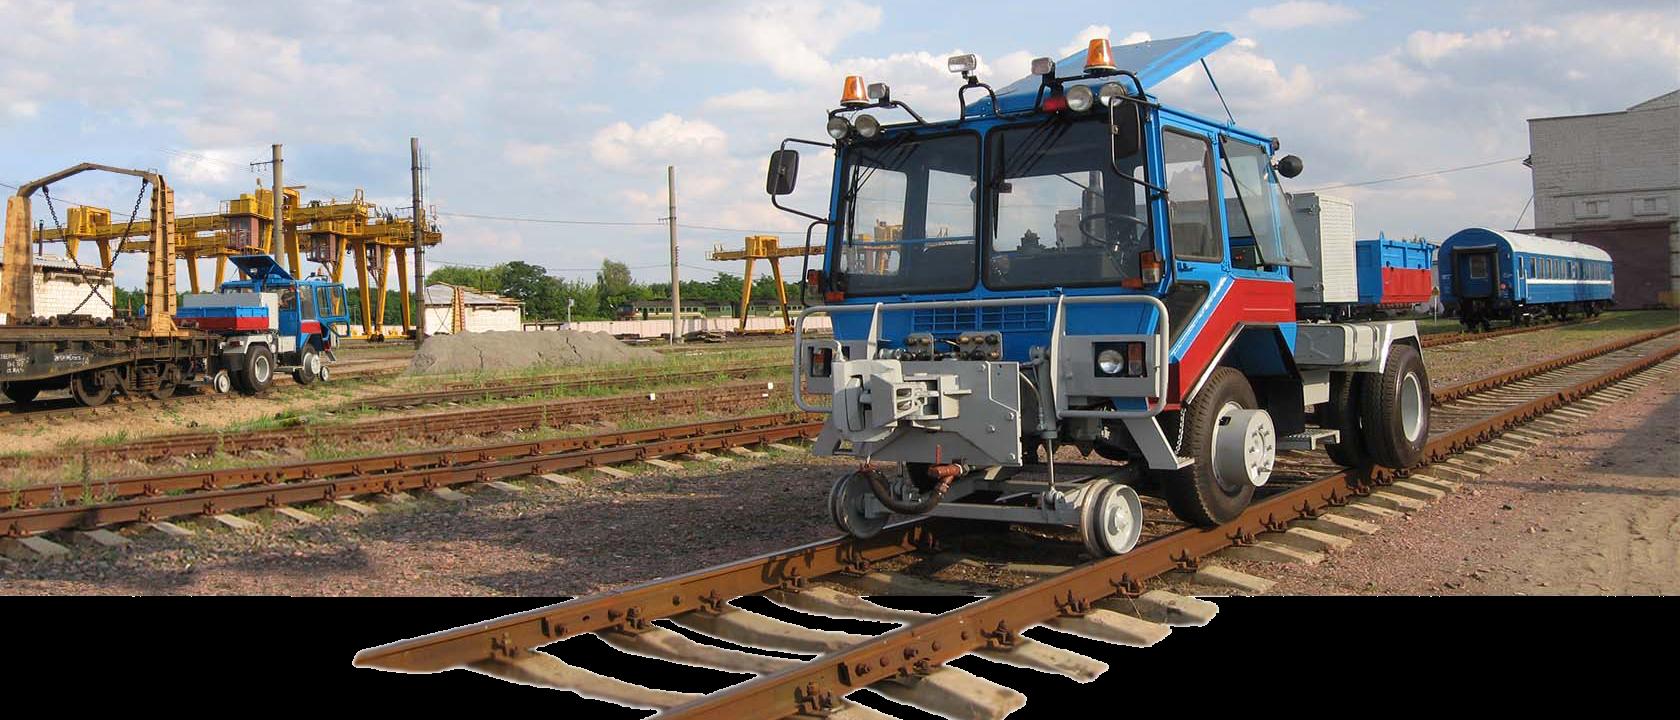 Тяговый модуль вагонов ТМВ - маневровый трактор